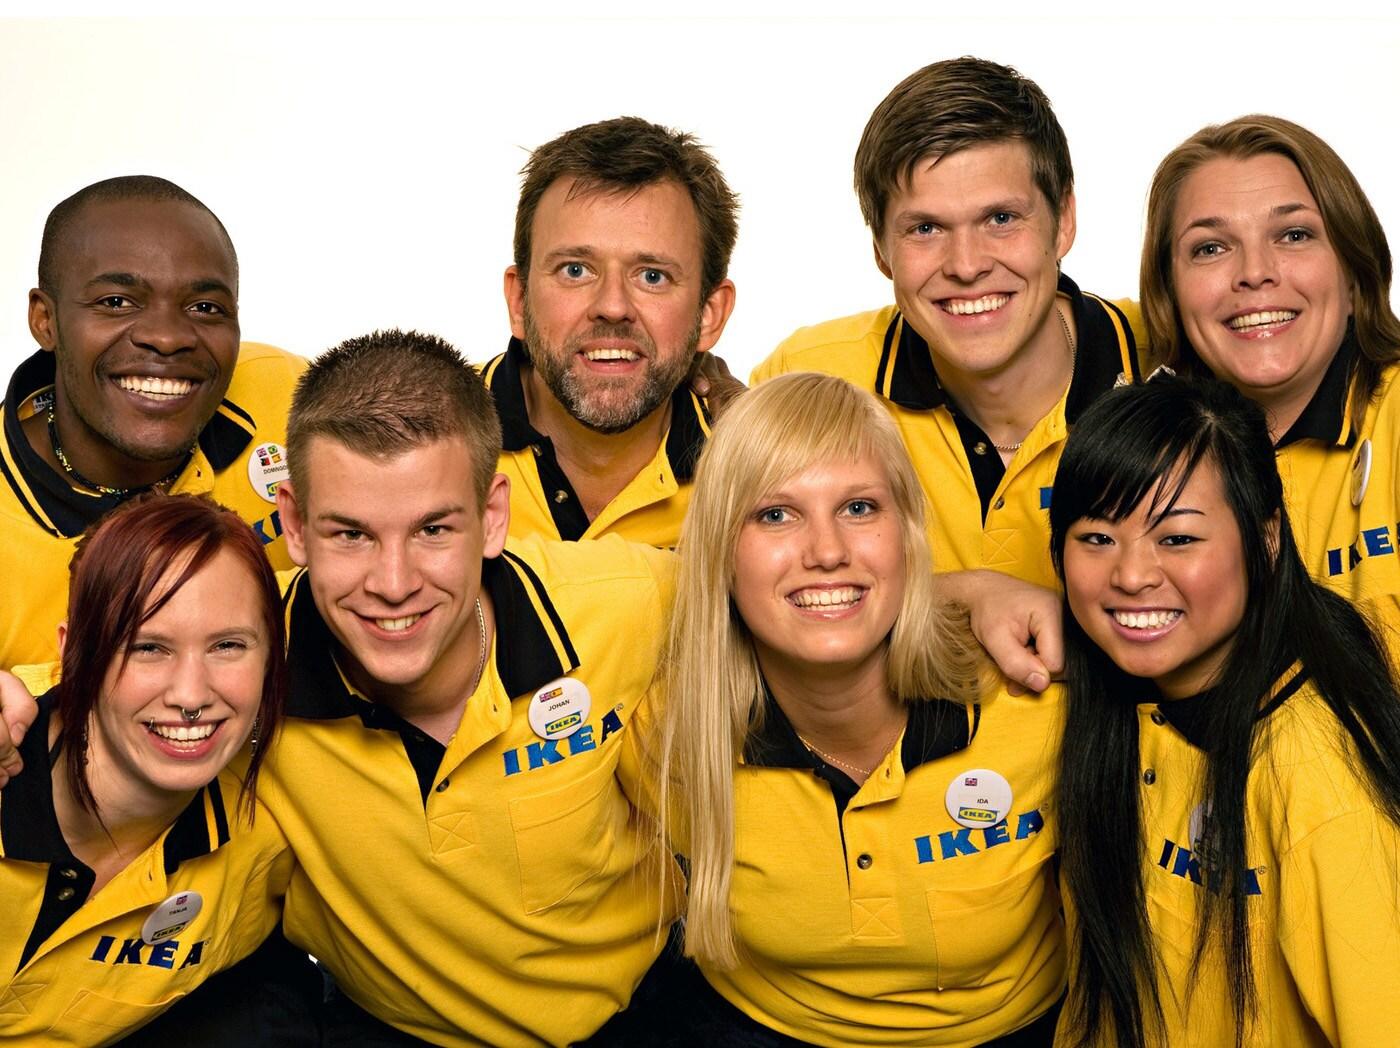 Väčšina ľudí vidí výrobky IKEA. My vidíme inšpiratívne pracovné pozície, ktoré stoja za ich vznikom.